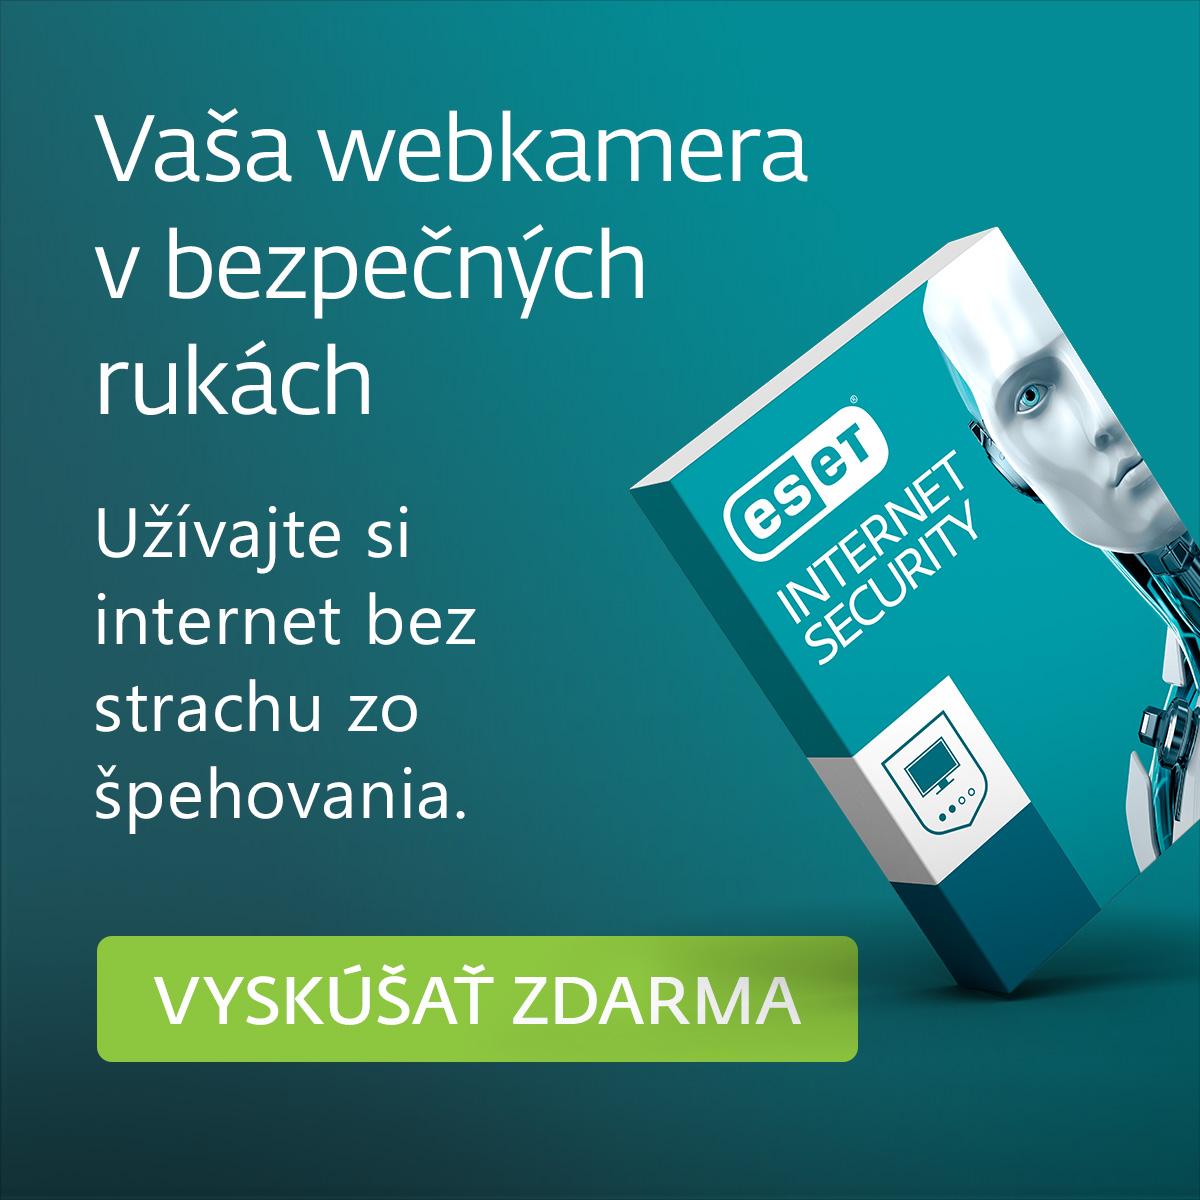 Popis: Popis: http://assets.agem.sk/popis/Eset/02.jpg